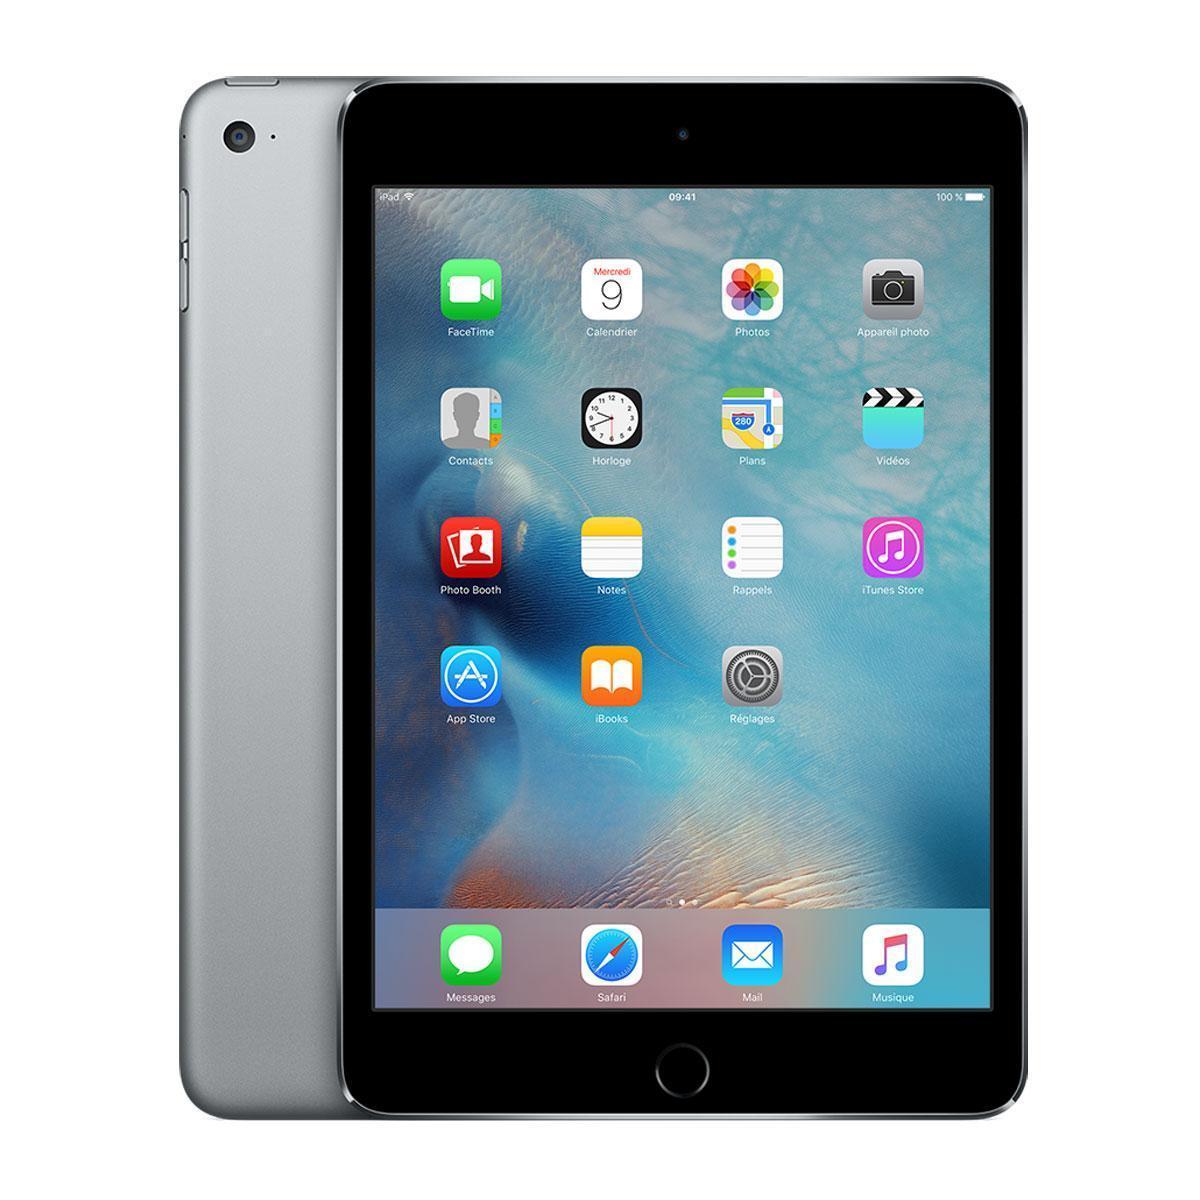 iPad mini 4 16 GB - Wifi + 4G - Gris espacial - Libre